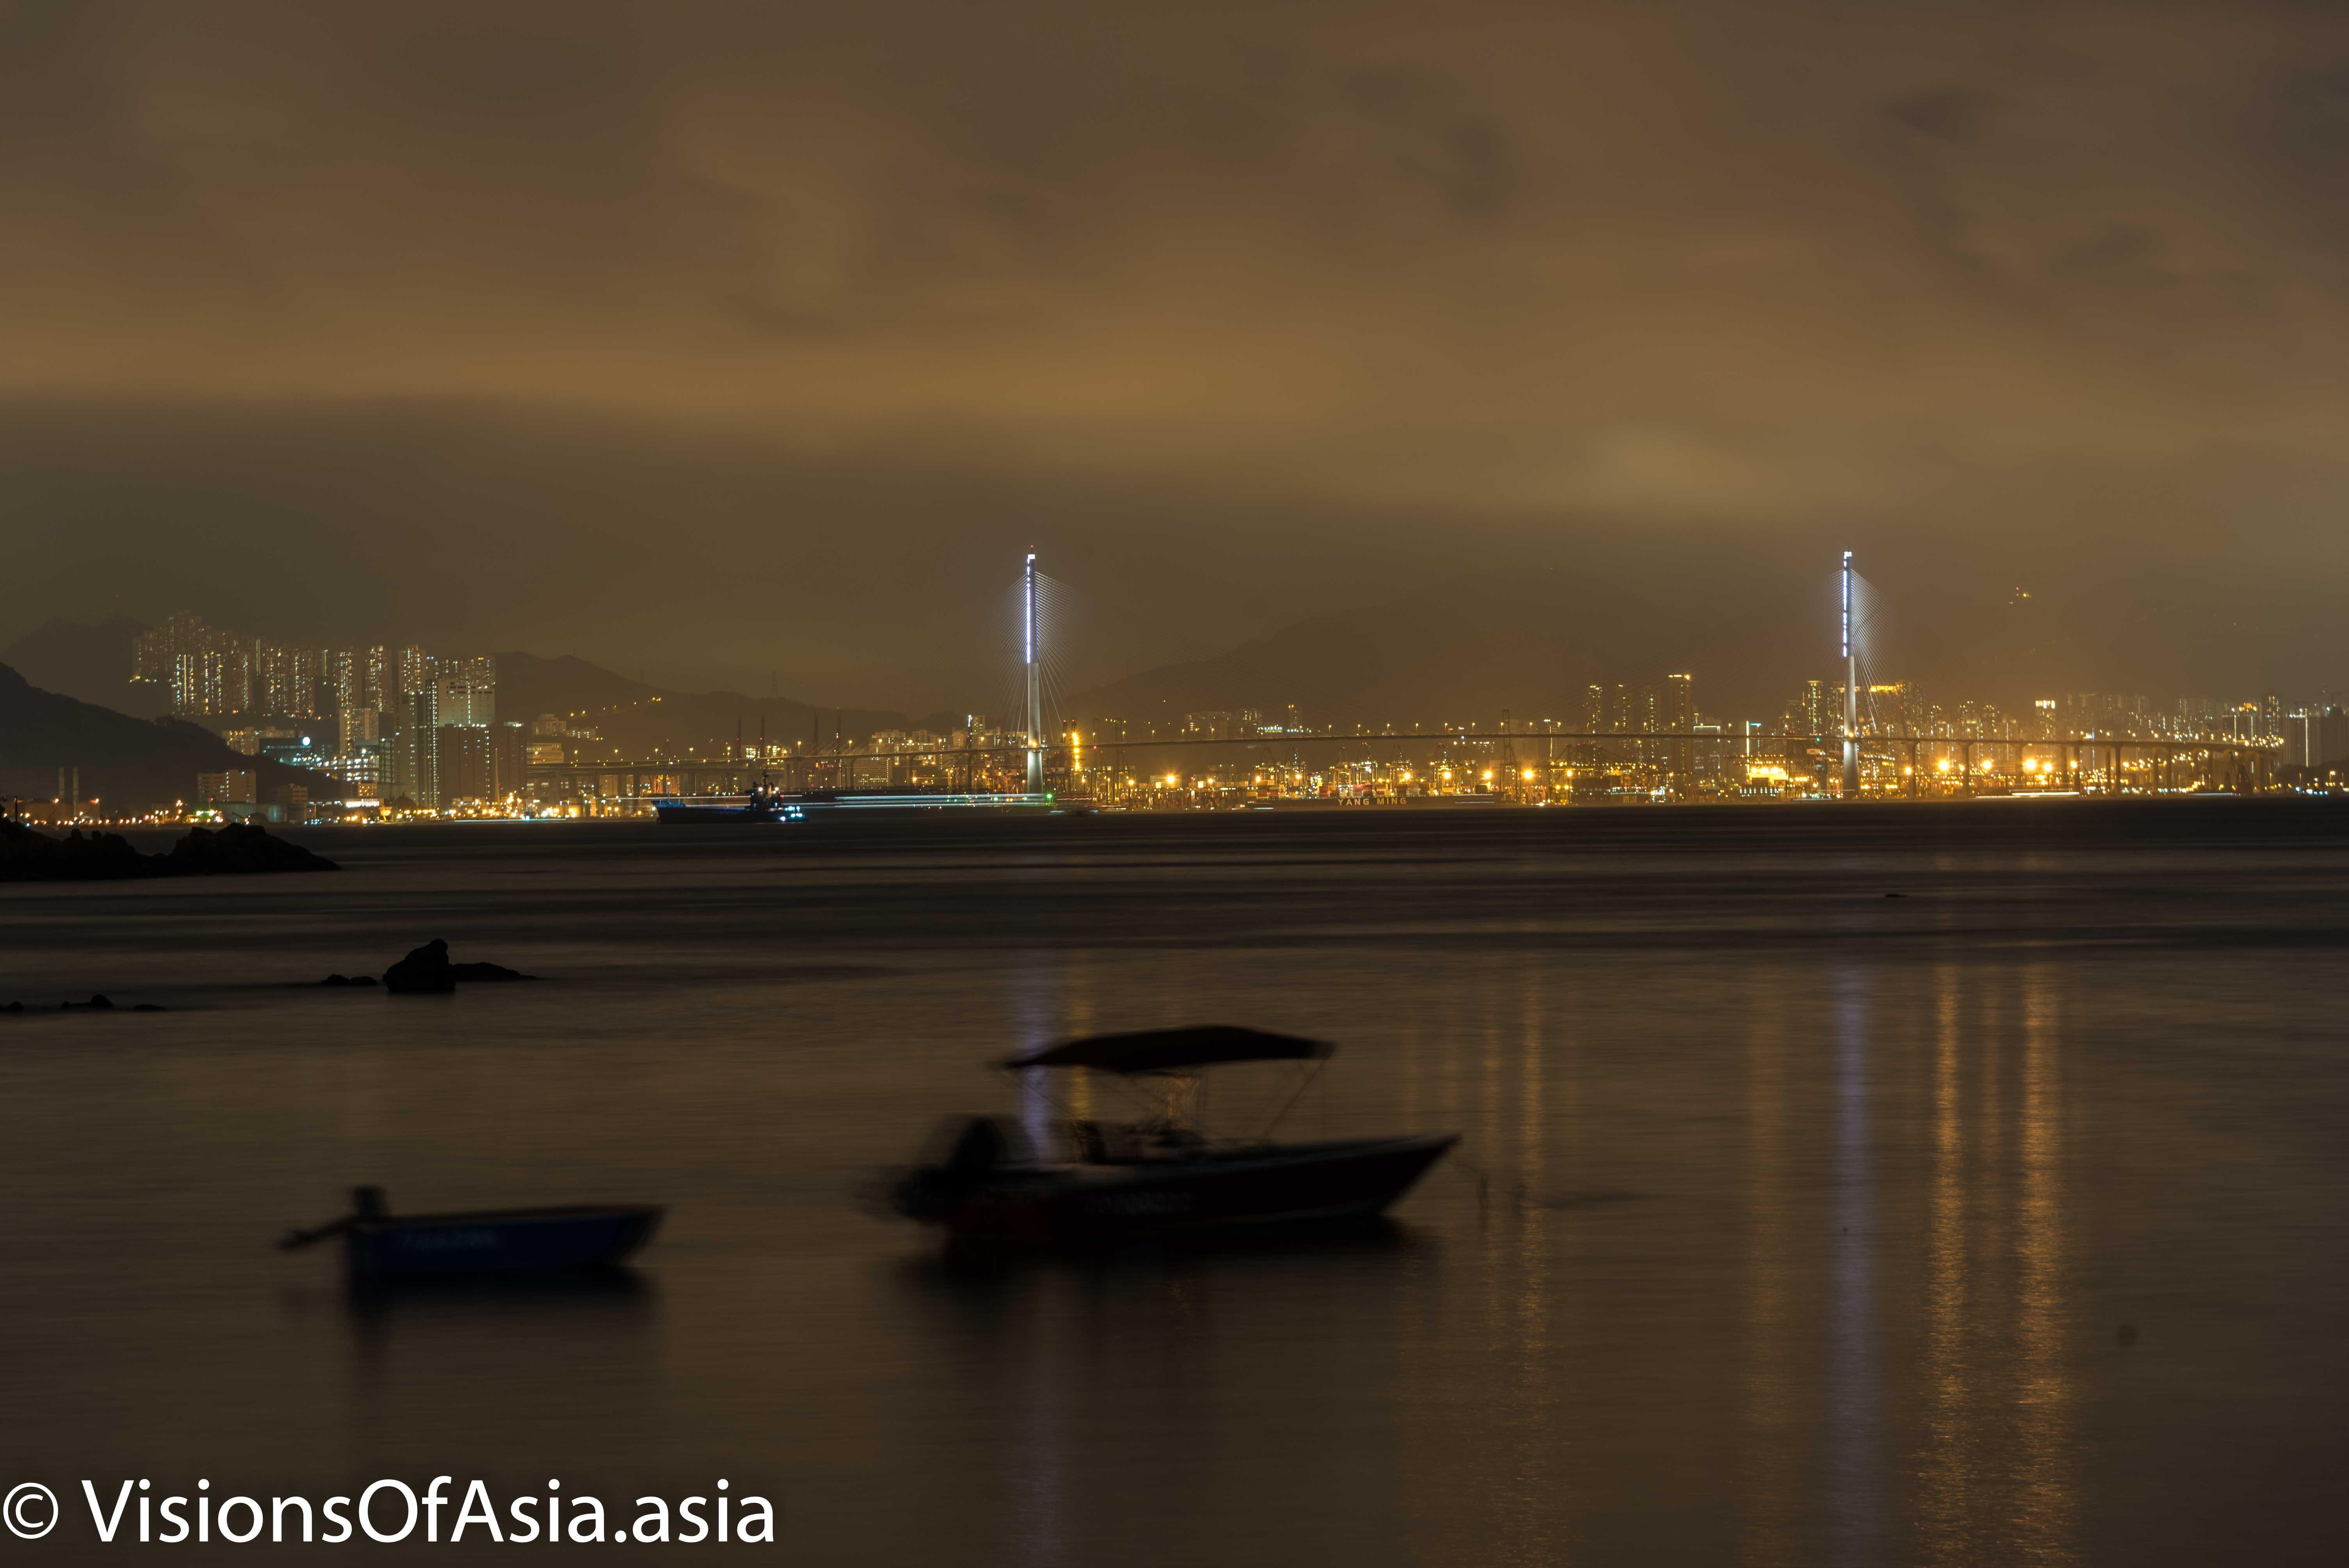 Tsing Ma bridge seen from the Peng Chau beach